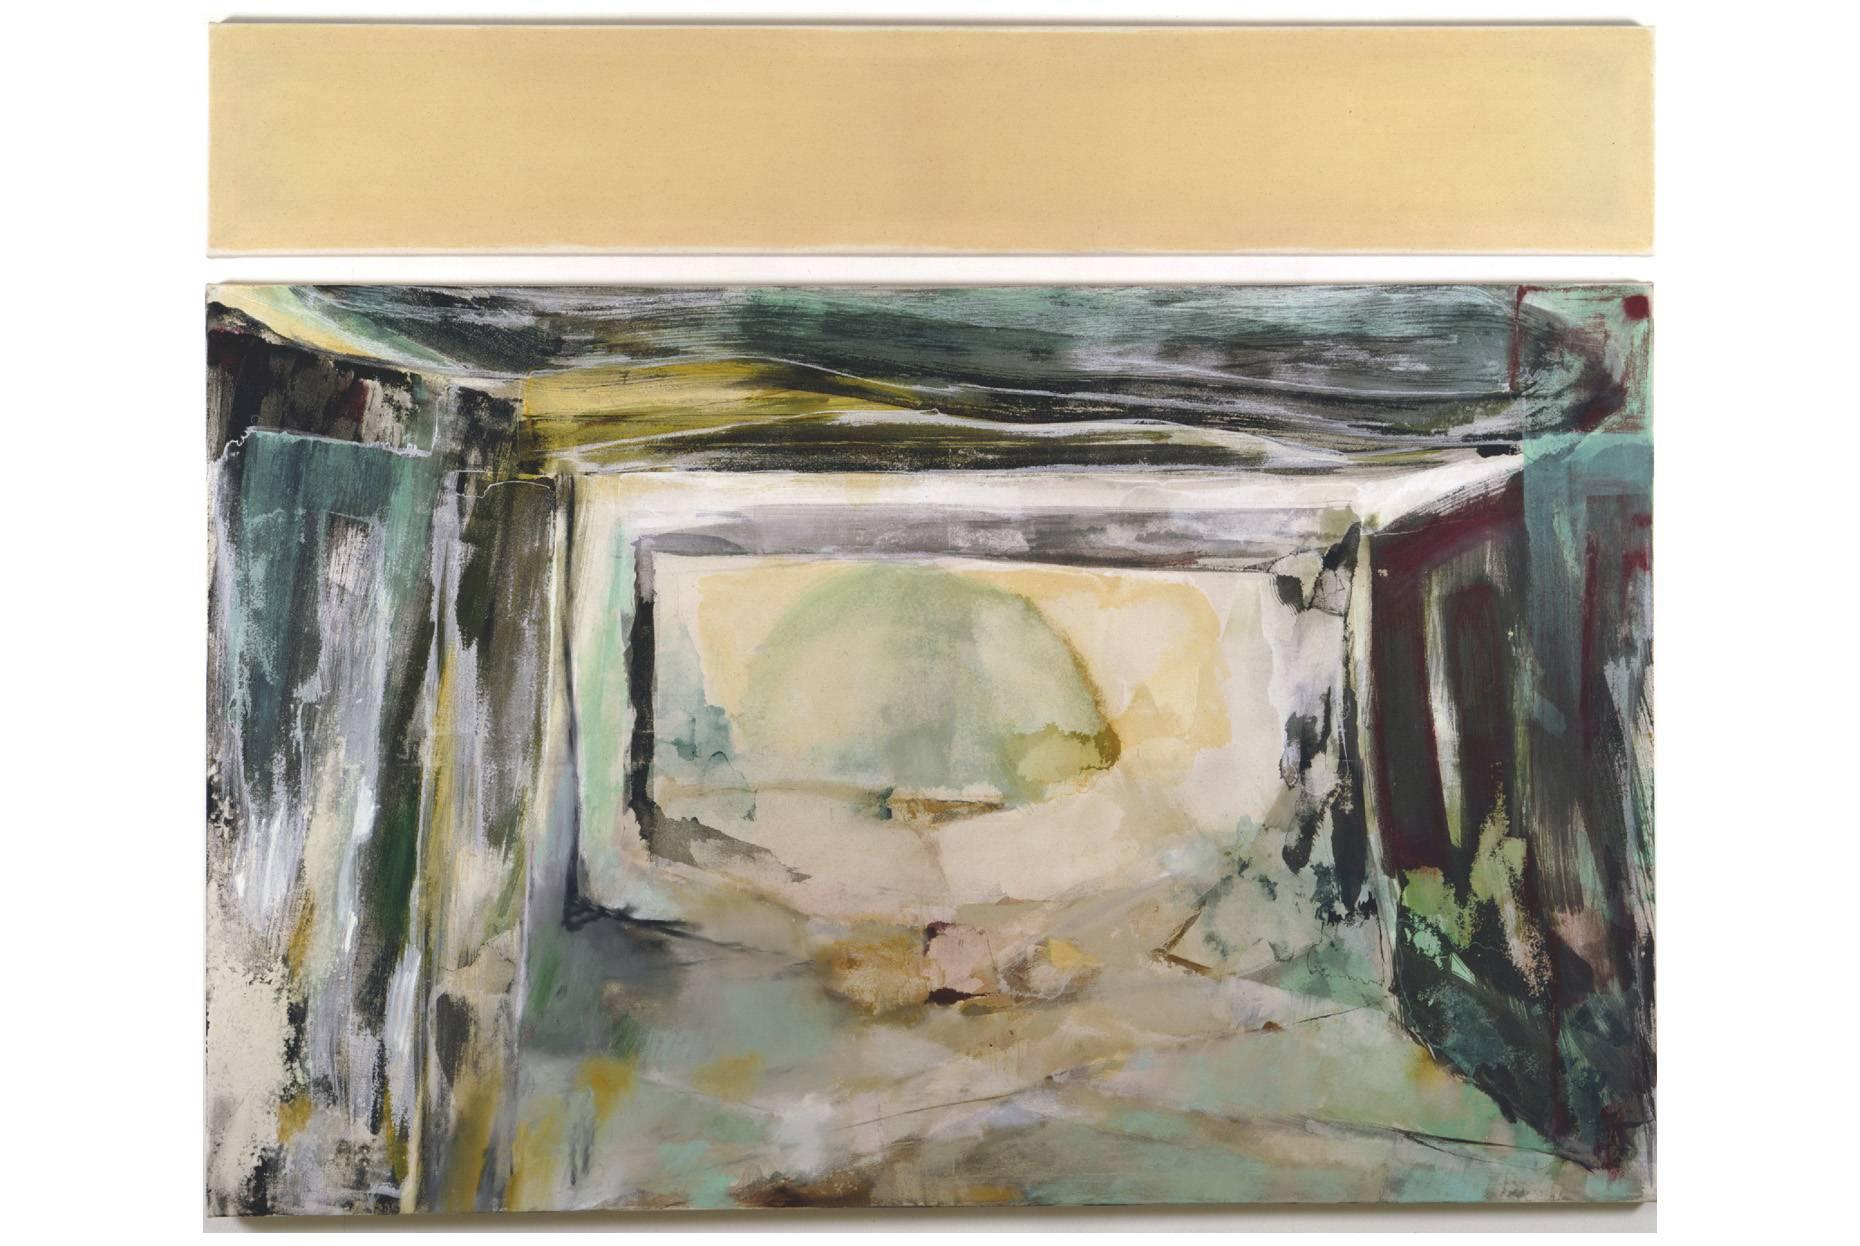 Kernanlage/Innen II 1997 Acrylfarbe und Wachs a/Nessel 2-tlg. zus. 150 x 190 cm